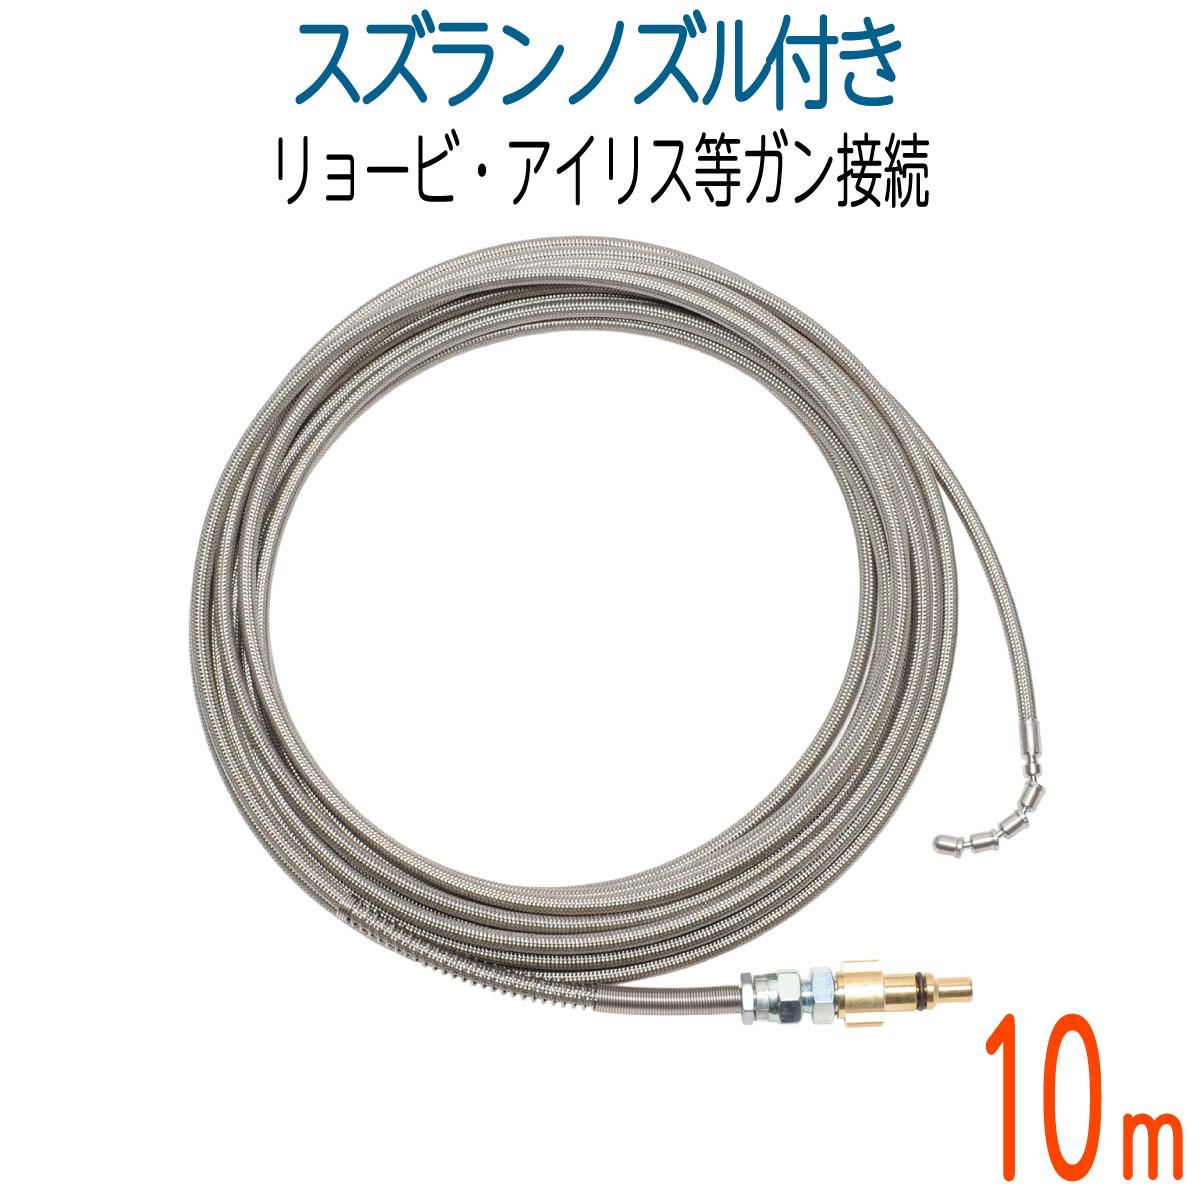 10M スズランノズル付き 高品質新品 リョービ ガン接続タイプ アイリス対応 専門店 プロ仕様洗管ホース